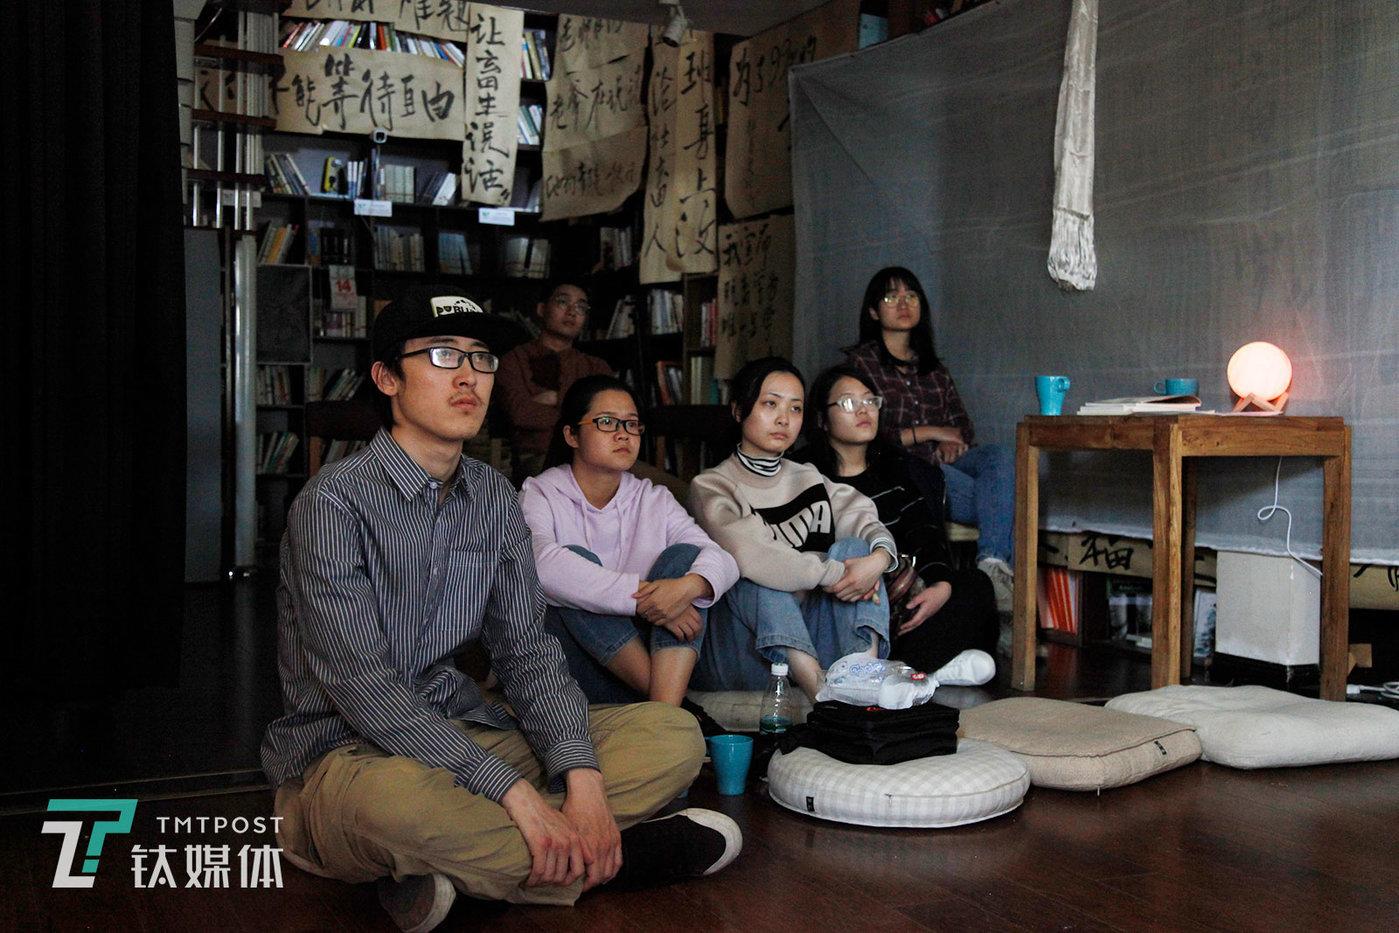 """4月14日,参展的观众在看社畜博物馆剧场放映的日本过劳死案例采访视频。有的观众表示""""看完视频觉得很压抑却又现实,会联想到自己的工作状态,觉得可怕。"""""""